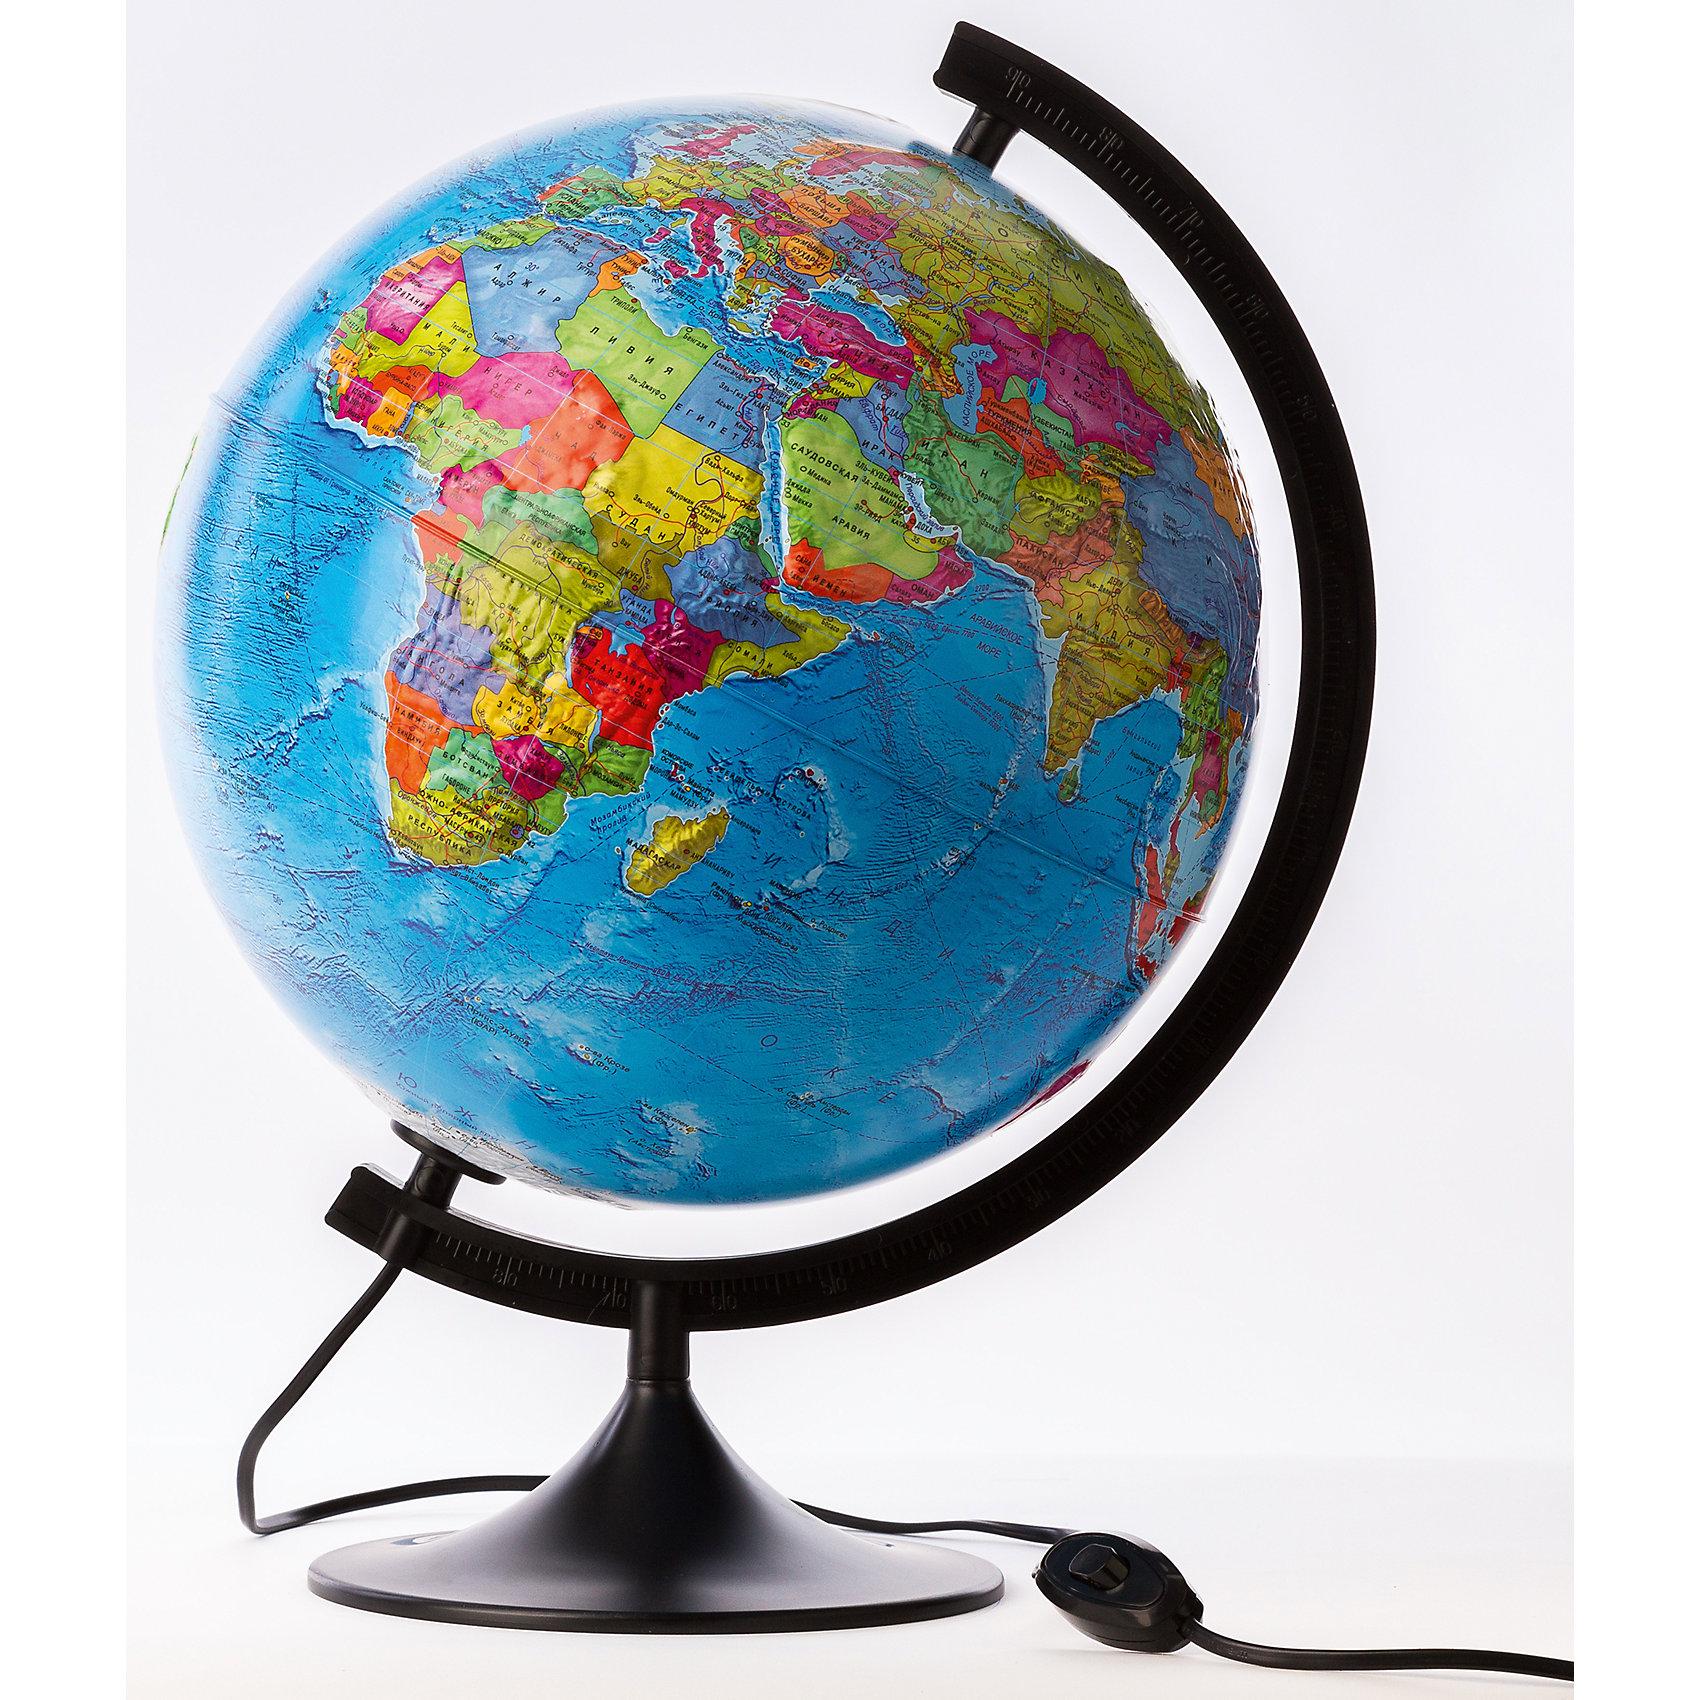 Глобус Земли политический  рельефный  с подсветкой, диаметр 210 ммГлобусы<br>Глобус Земли политический  рельефный  с подсветкой, д-р 210.<br><br>Характеристики:<br><br>• Для детей в возрасте: от 6 лет<br>• Диаметр: 21 см.<br>• Материал: пластик<br>• Цвет подставки и дуги: черный<br>• Подсветка работает от сети<br><br>Настольный глобус с современной политической картой мира станет замечательным наглядным пособием для вашего ребенка. На нем отображены страны, границы, города, континенты, моря, океаны и другая полезная информация. Политическая карта мира дополнена рельефом ландшафта. Надписи выполнены на русском языке, четкие и легкочитаемые. Сфера глобуса изготовлена из прочного высококачественного пластика, поэтому она не расколется от случайного падения. Устойчивая подставка и дуга с градусными отметками выполнены из прочного высококачественного пластика черного цвета. Для усиления цветового эффекта можно включить подсветку. Подсветка работает от стационарной сети в 220 Вольт. Провод изолирован, есть переключатель. Диаметр сферы 21 см - это оптимальный вариант для дошкольников и учащихся начальной школы. При таком размере достаточно подробно отображена карта мира, при этом глобус не занимает много места, и его легко держать ребенку в руках.<br><br>Глобус Земли политический  рельефный  с подсветкой, д-р 210 можно купить в нашем интернет-магазине.<br><br>Ширина мм: 230<br>Глубина мм: 210<br>Высота мм: 210<br>Вес г: 500<br>Возраст от месяцев: 72<br>Возраст до месяцев: 2147483647<br>Пол: Унисекс<br>Возраст: Детский<br>SKU: 5504458